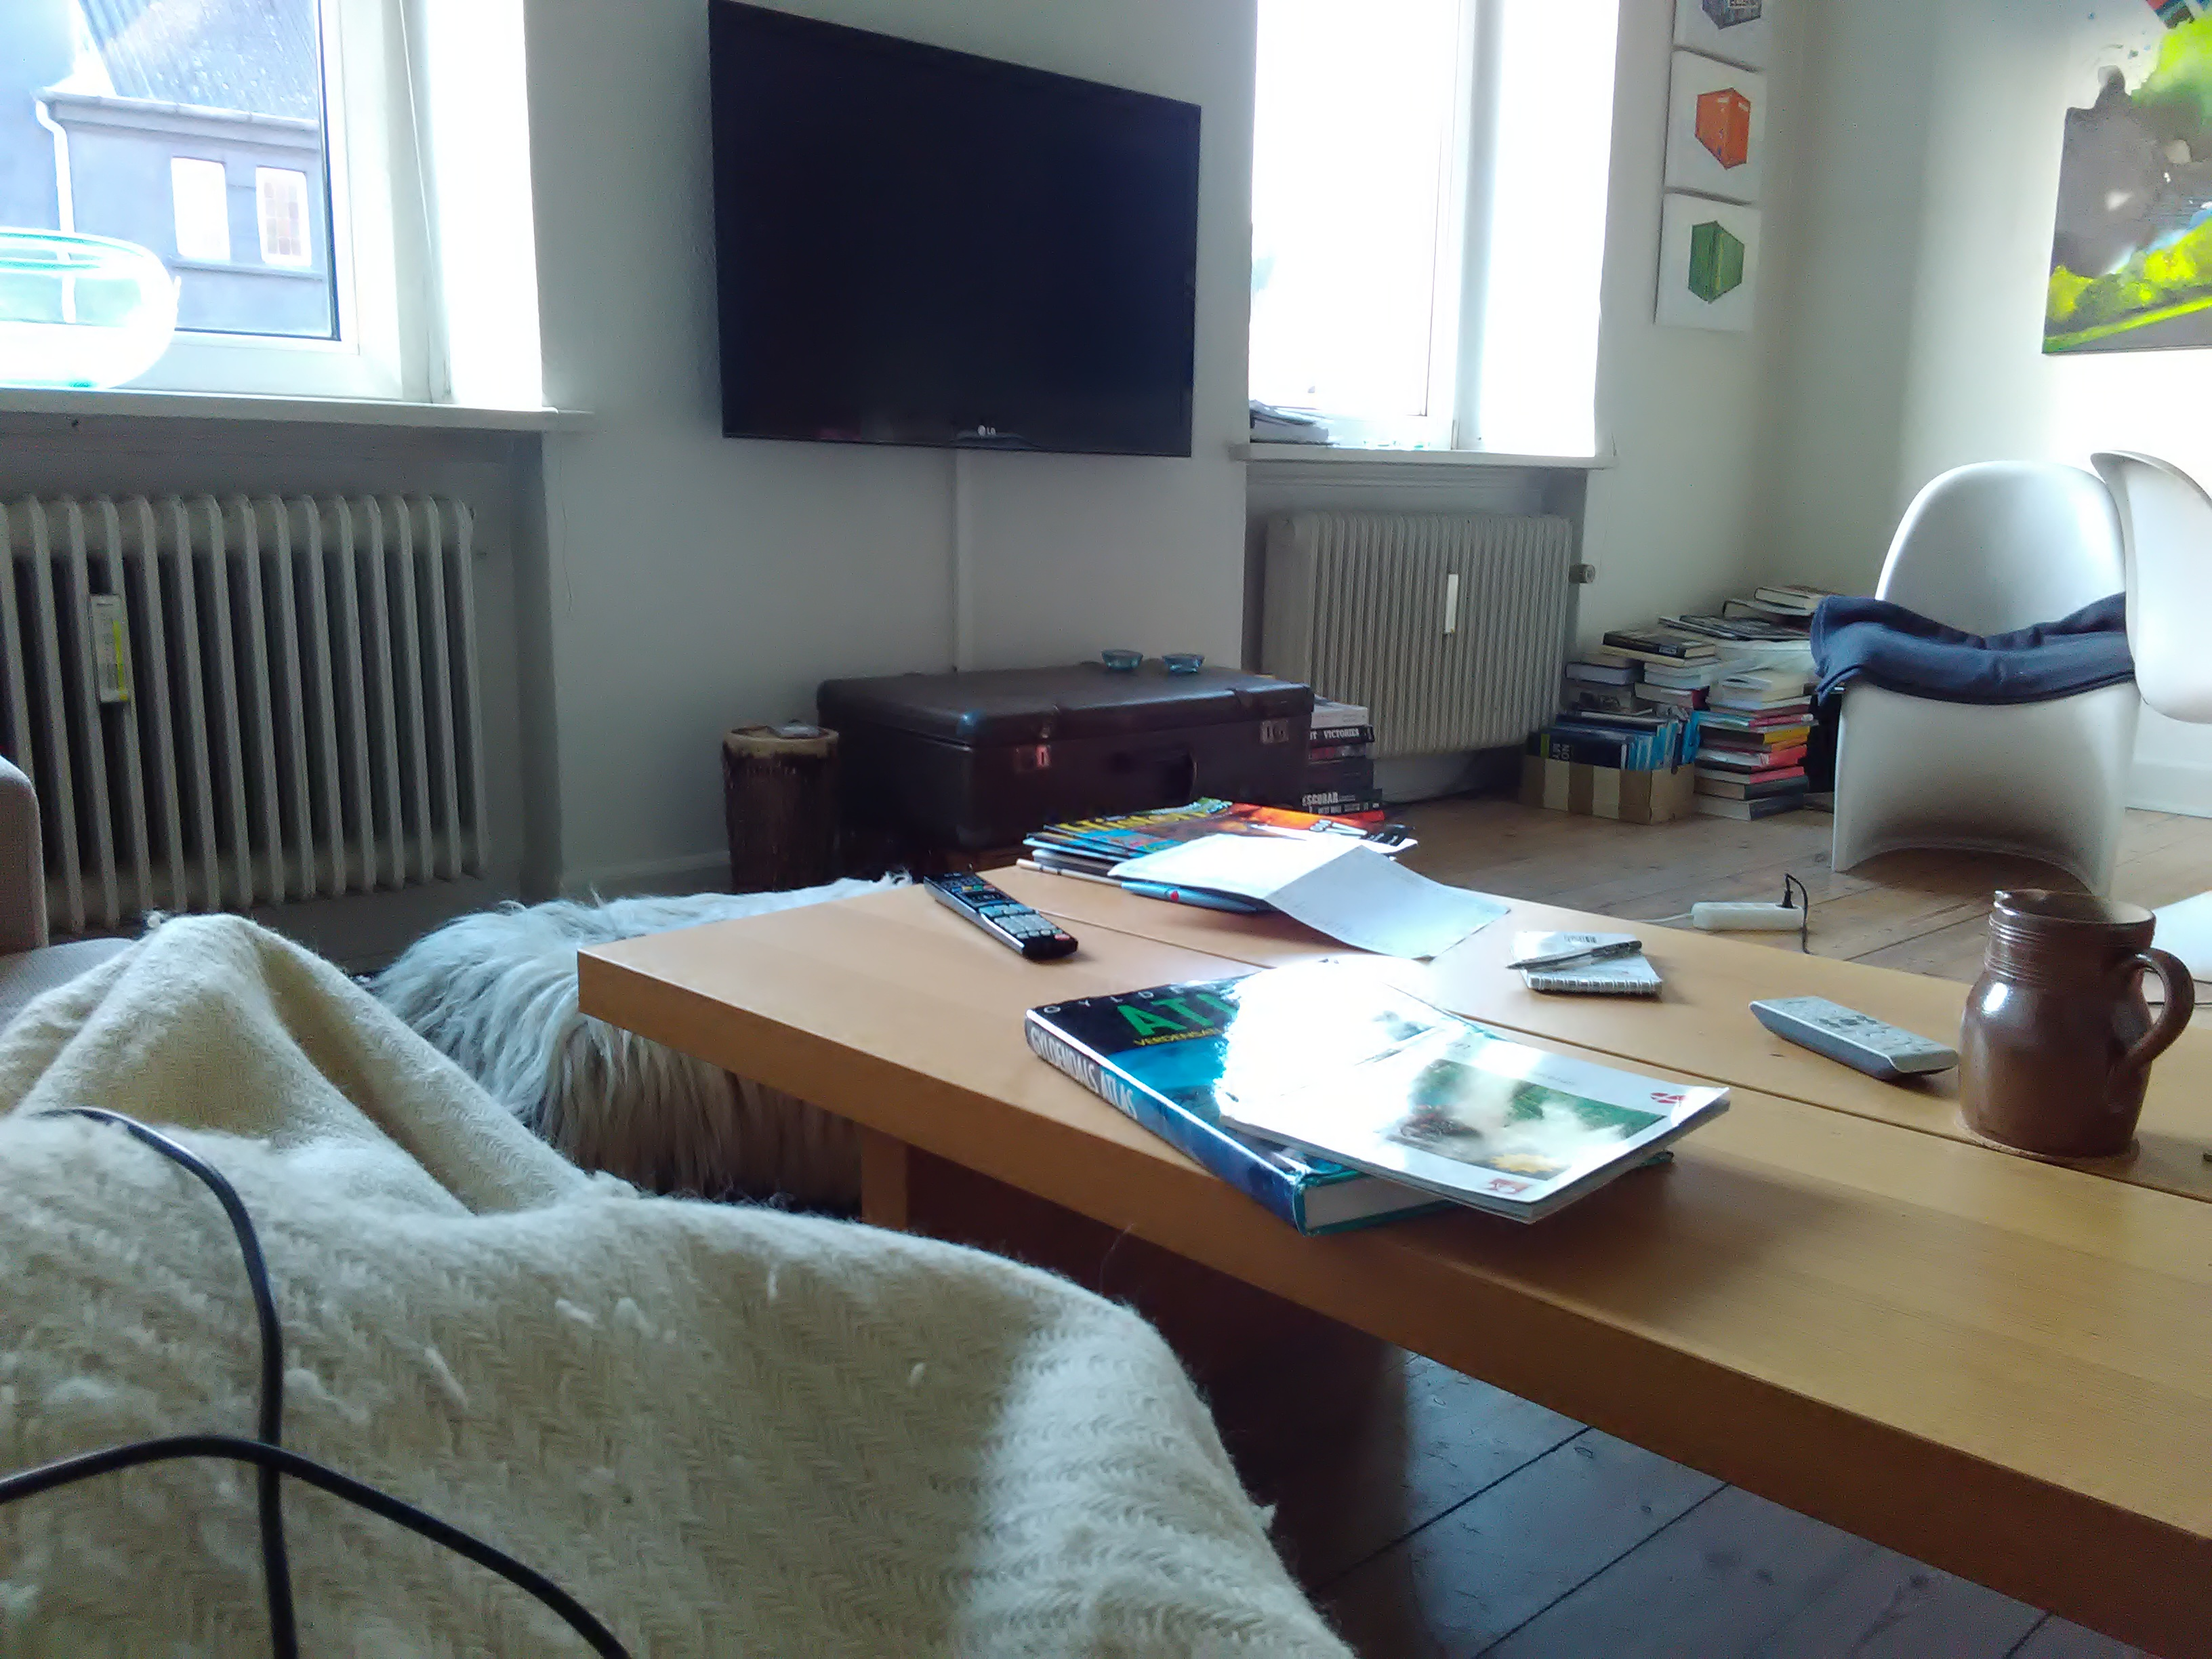 Troels home